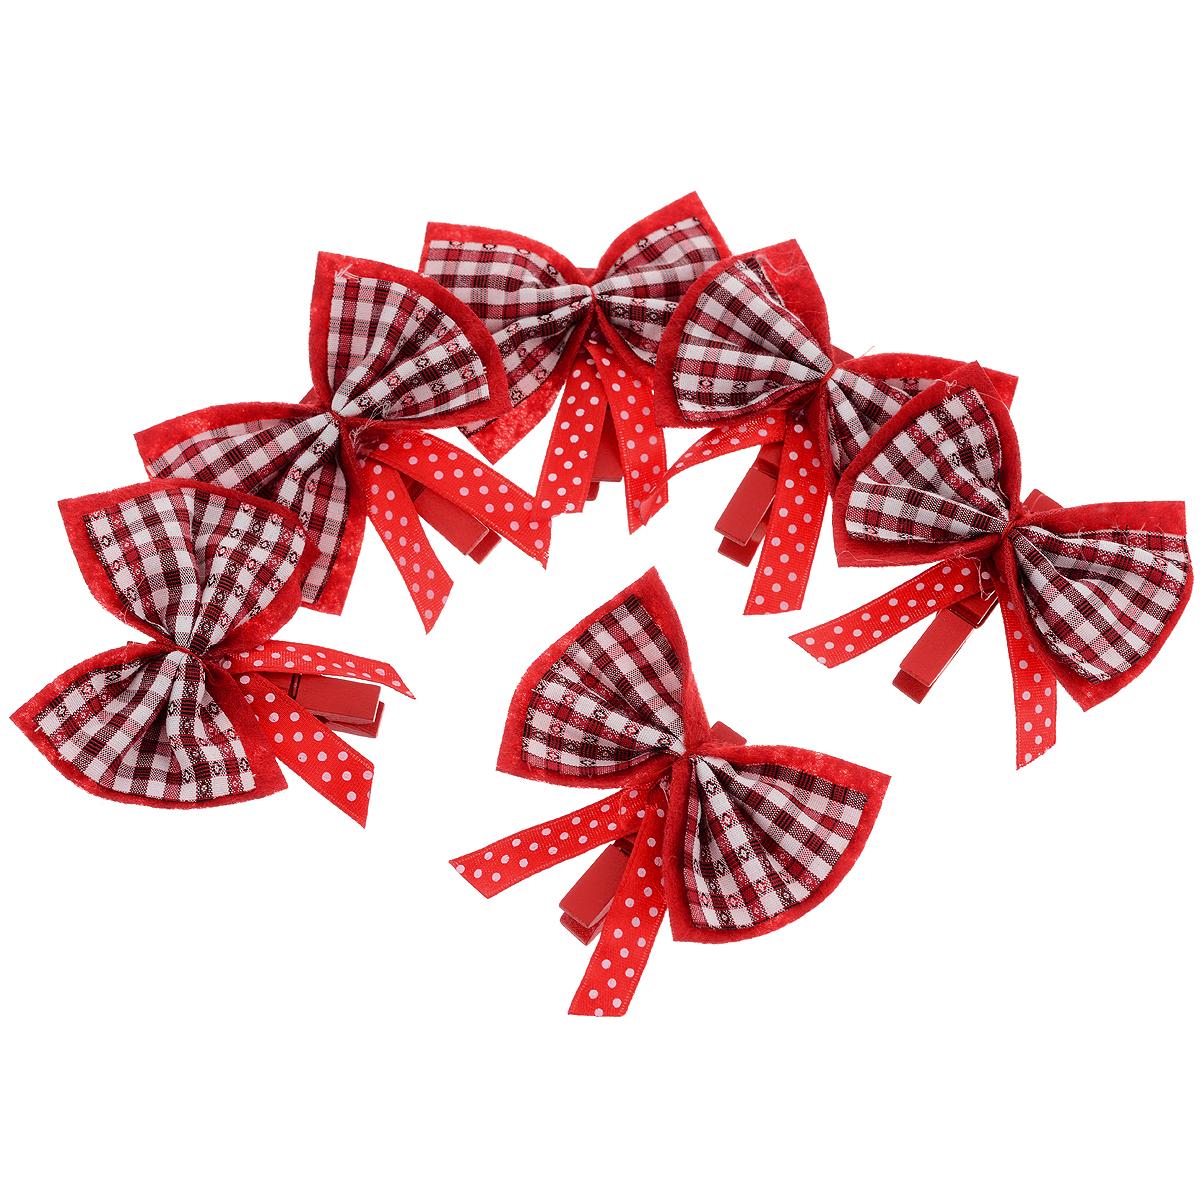 Новогоднее украшение Бантик в полосочку, цвет: красный, 6 шт. 3532435324Оригинальное новогоднее украшение прекрасно подойдет для декора дома и праздничной елки. Украшение выполнено из полиэстера в виде банта и украшено блестками. С помощью специальных проволочек украшение можно повесить в любом понравившемся вам месте. Новогодние украшения всегда несут в себе волшебство и красоту праздника. Создайте в своем доме атмосферу тепла, веселья и радости, украшая его всей семьей.